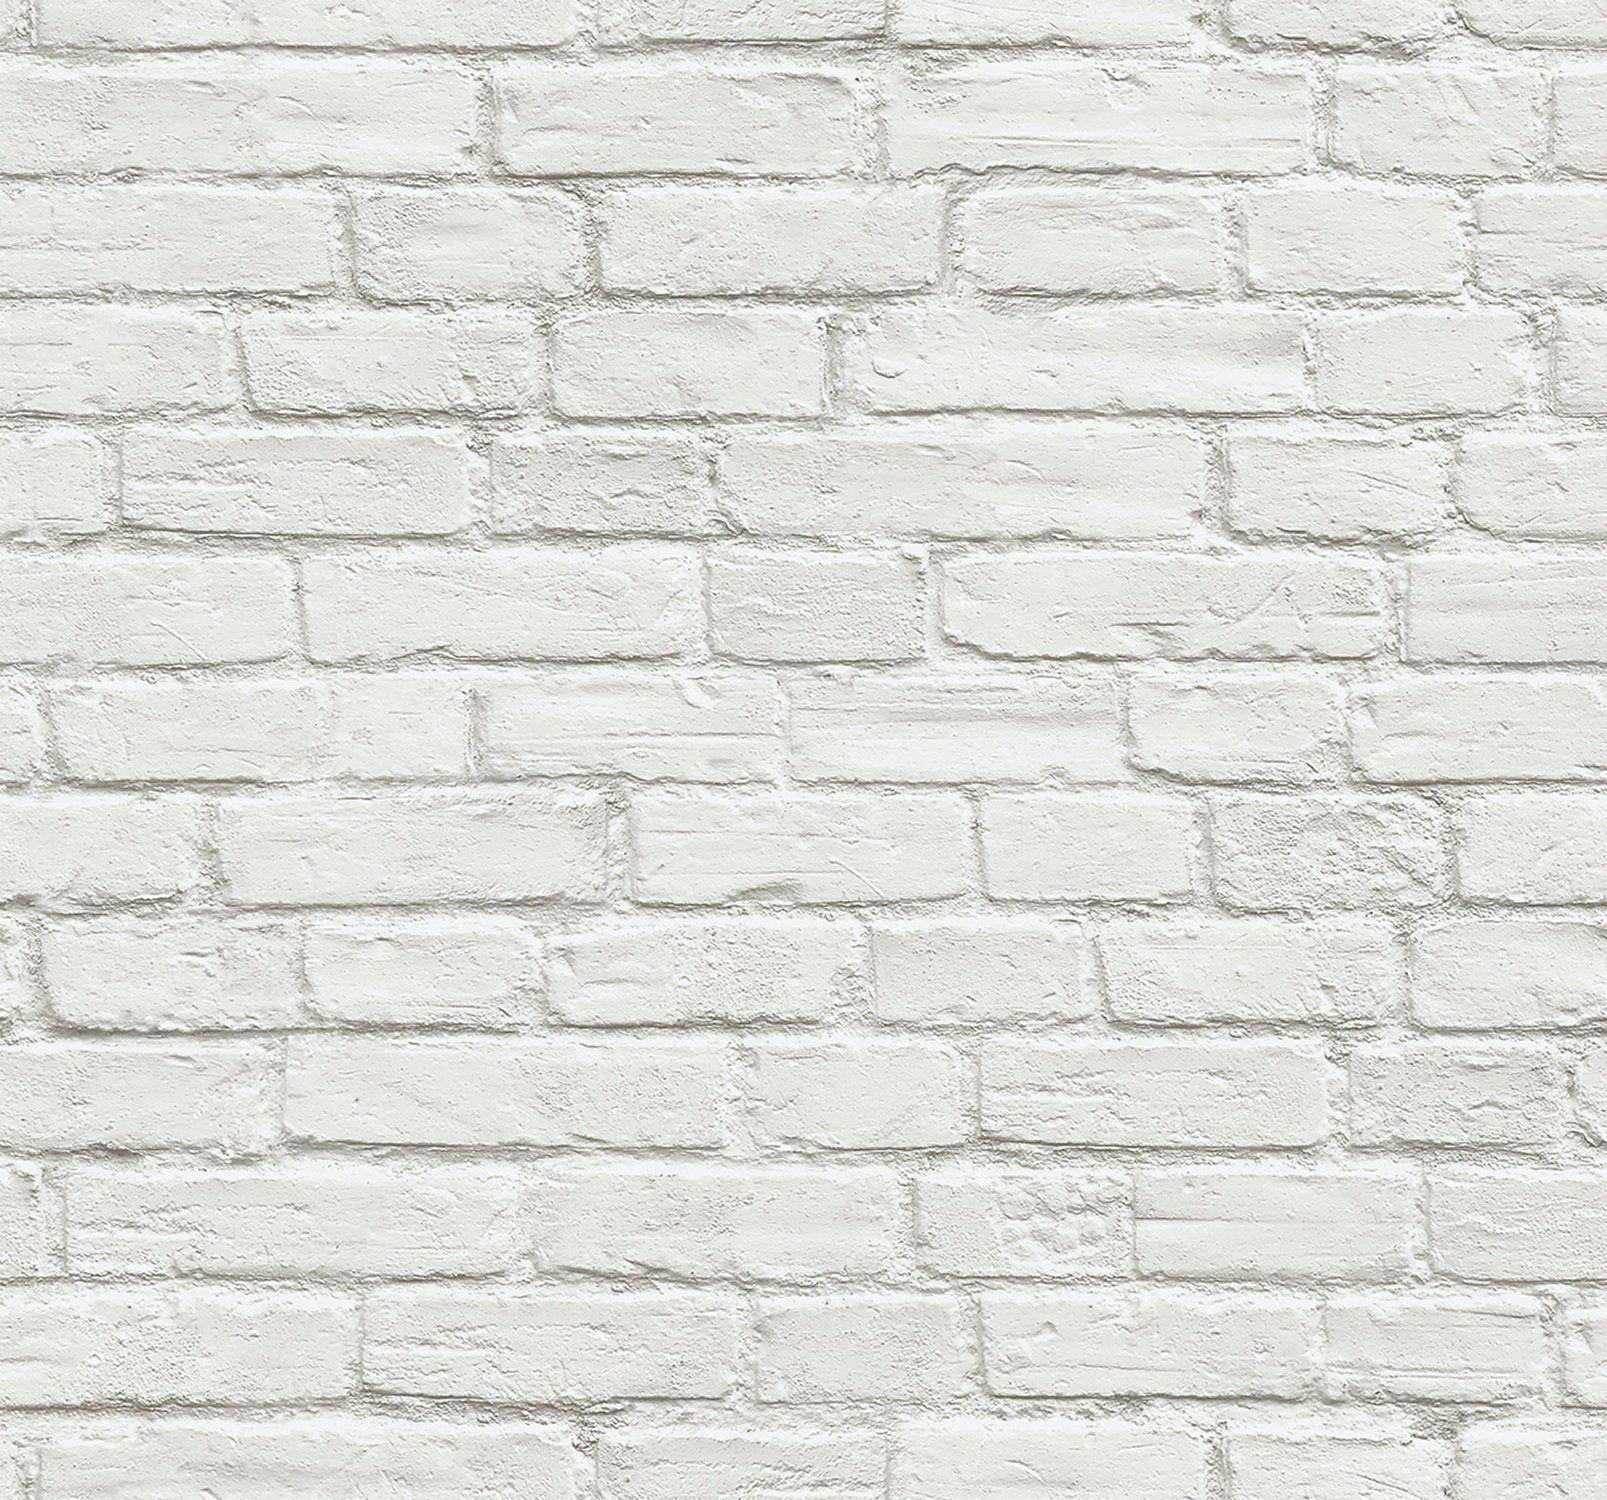 Self Adhesive Wallpaper Brick Peel And Stick White Brick Wallpaper White Brick Removable In 2020 White Brick Wallpaper Removable Brick Wallpaper Brick Wallpaper